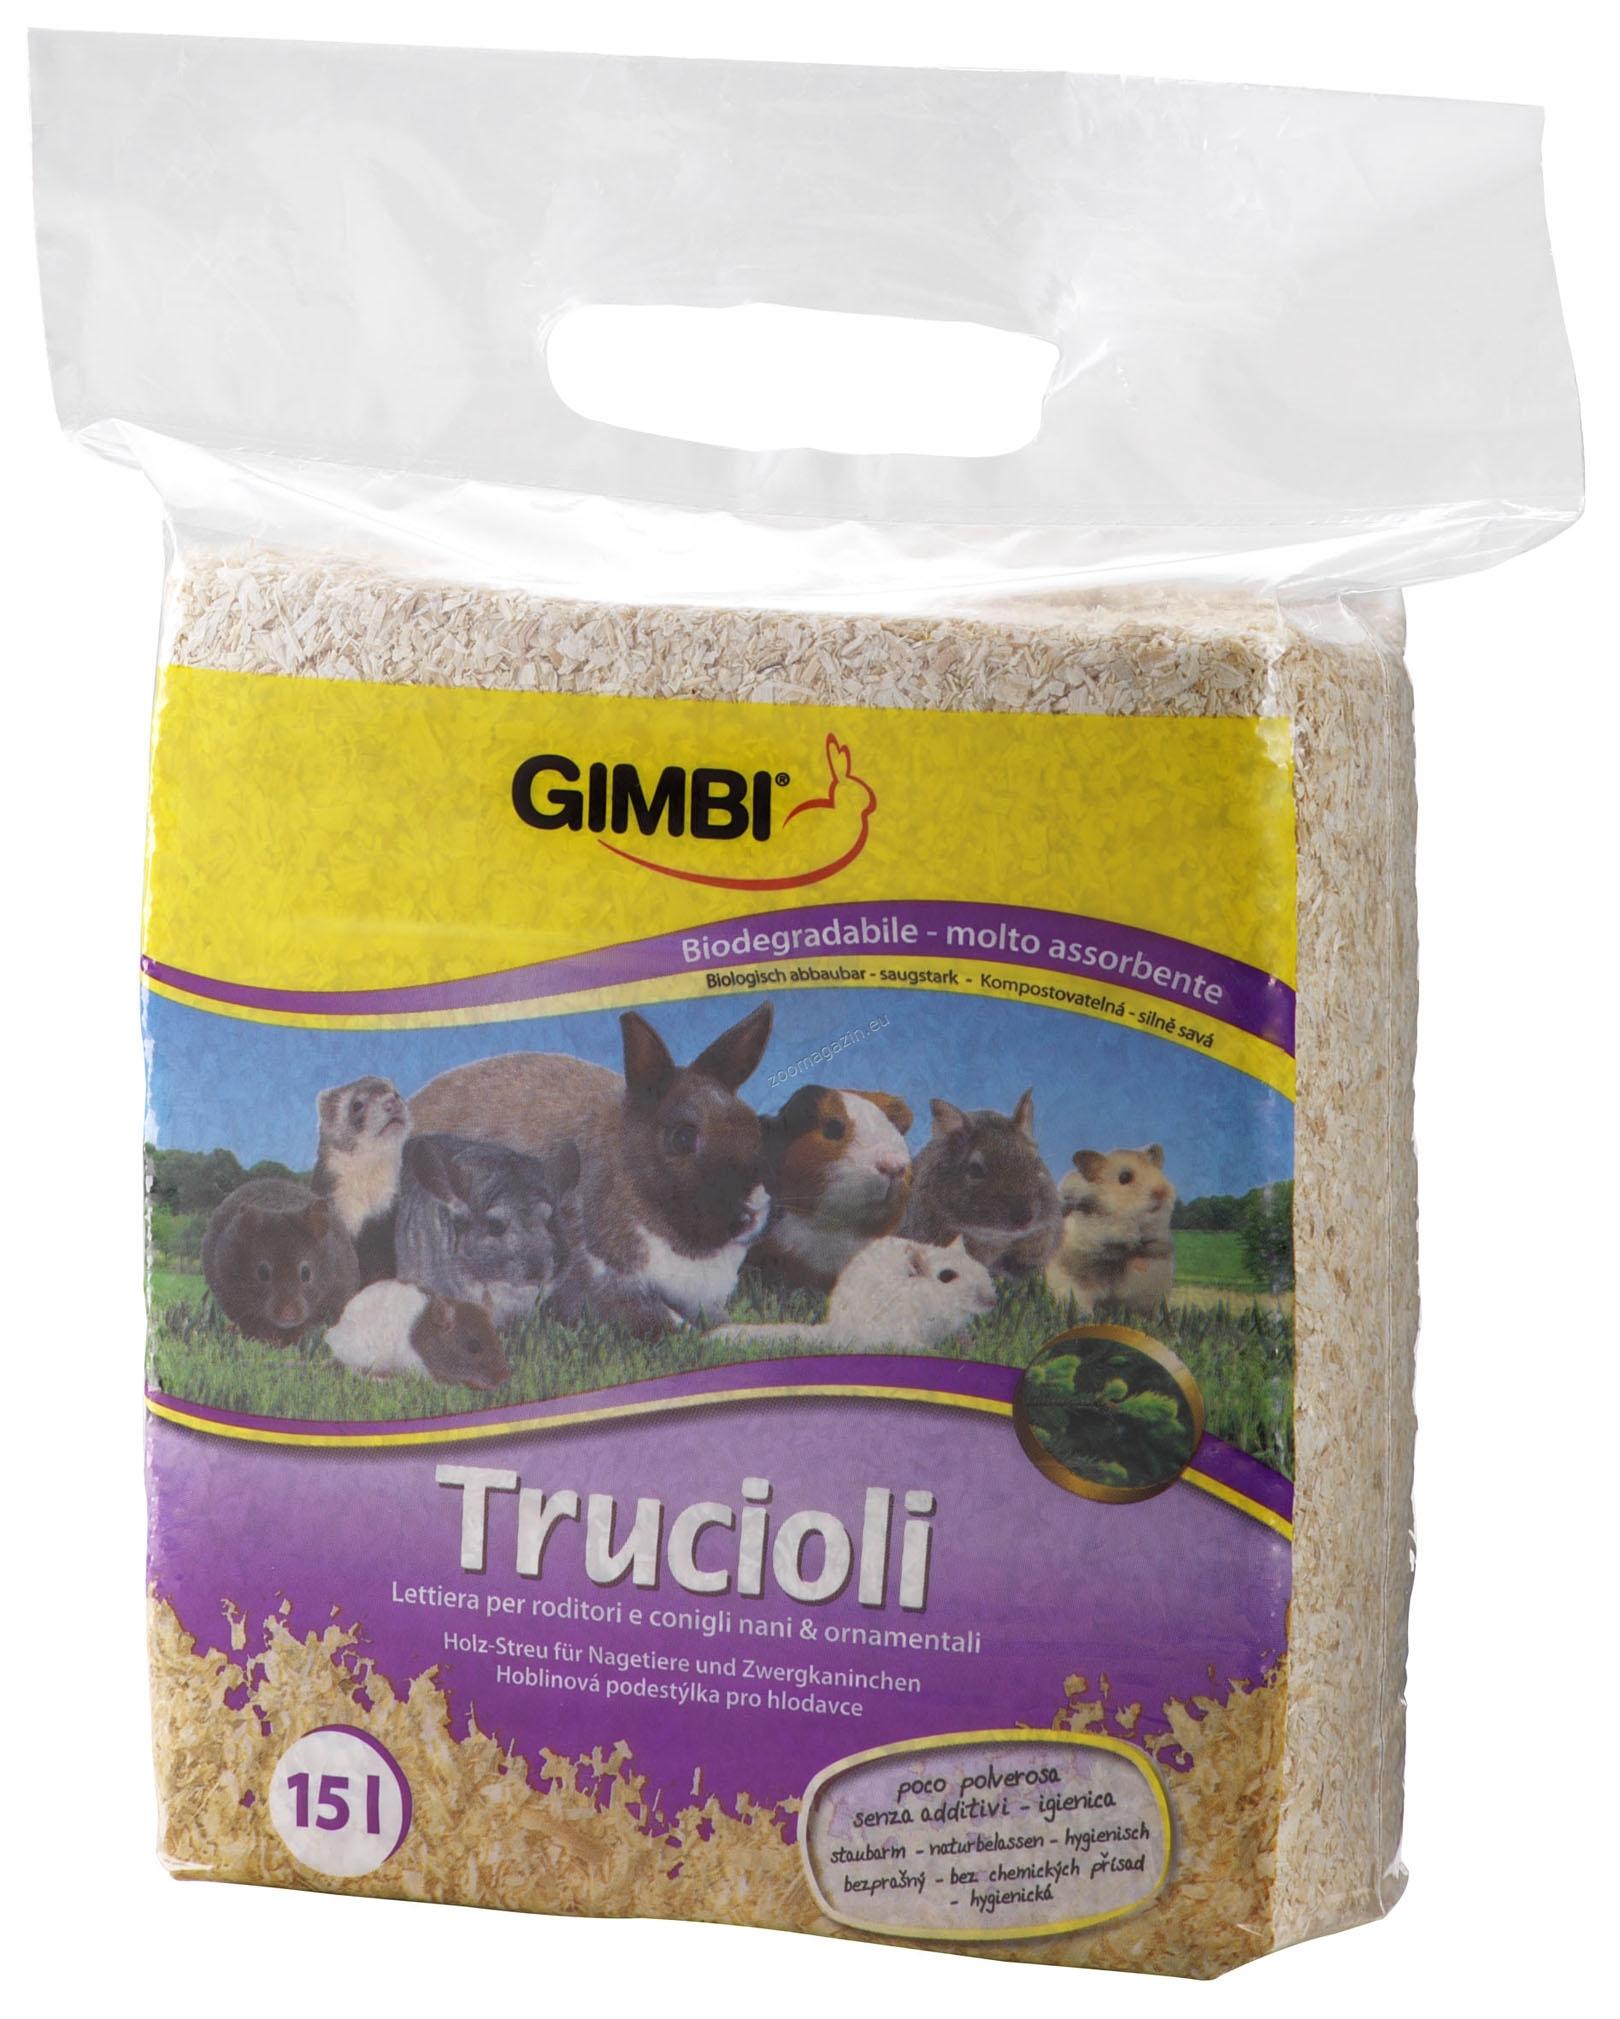 Gimborn - Gimbi Wood Shavings litter - натурален обезпрашен и обезпаразитен талаш 1 кг.